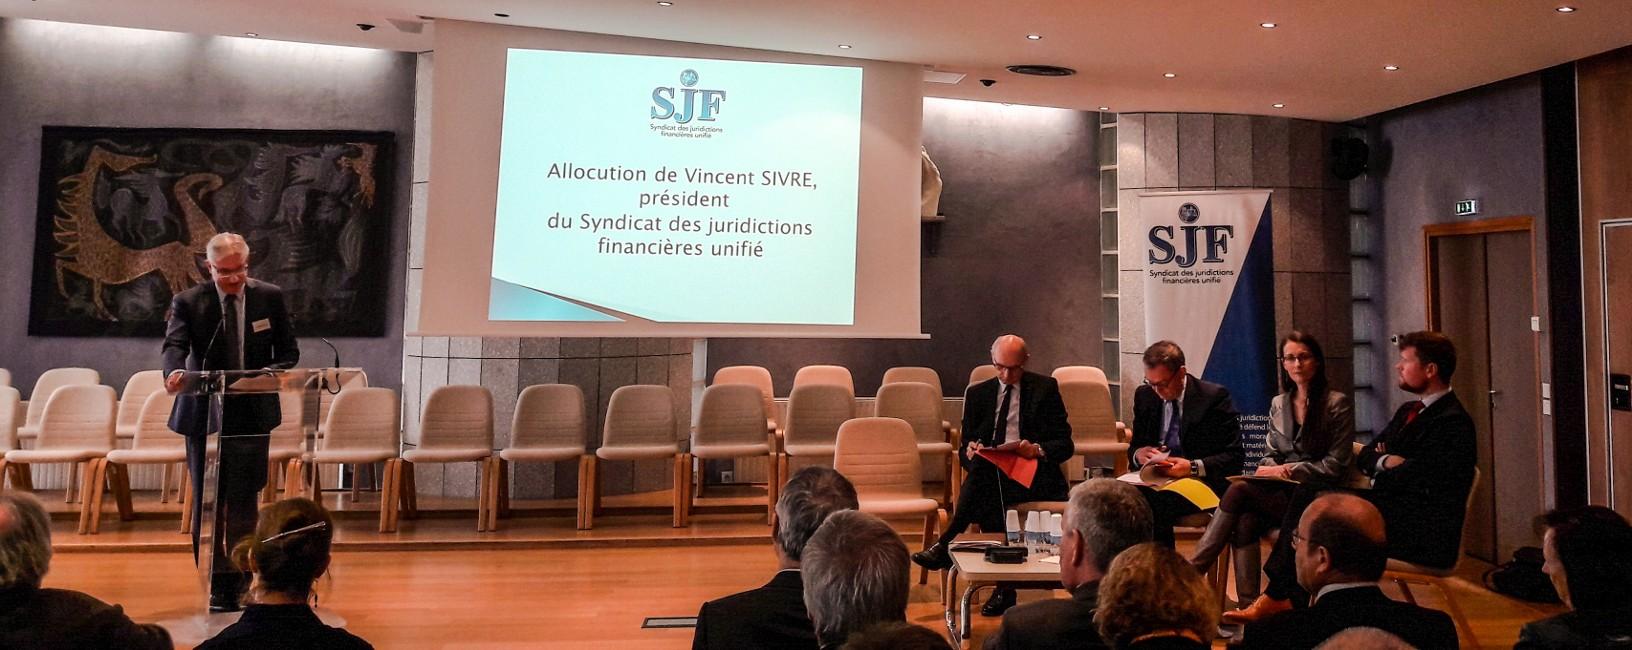 VIncent Sivré accueille Didier Migaud au congrès du SJFu